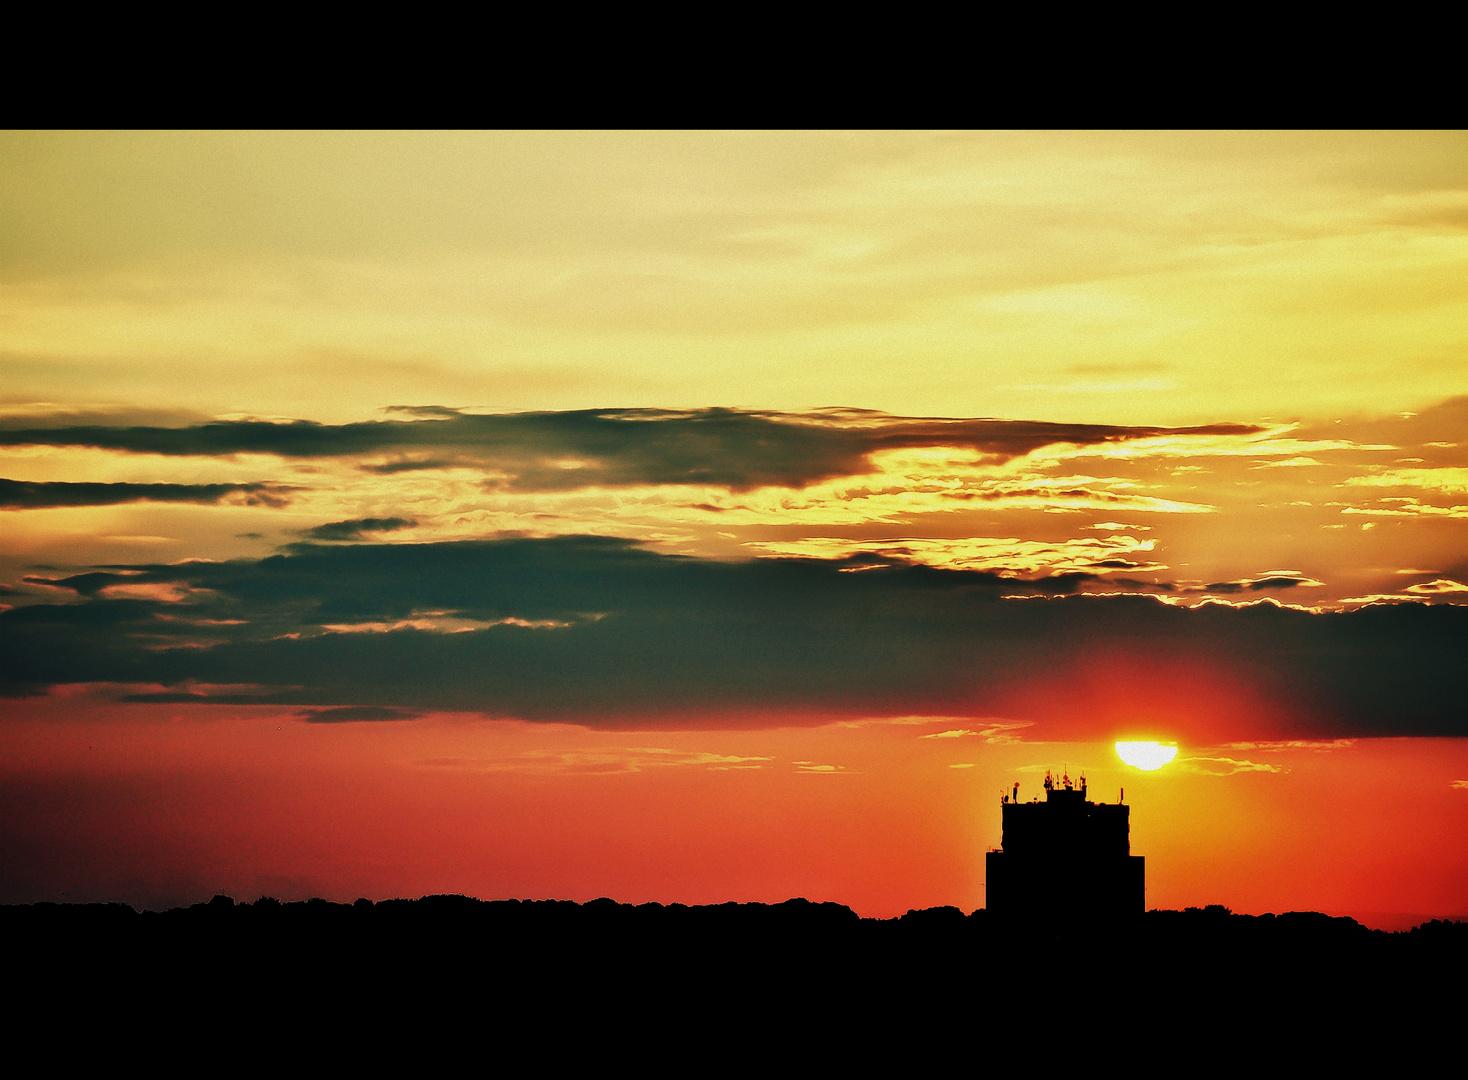 Meet me where the sun sets...